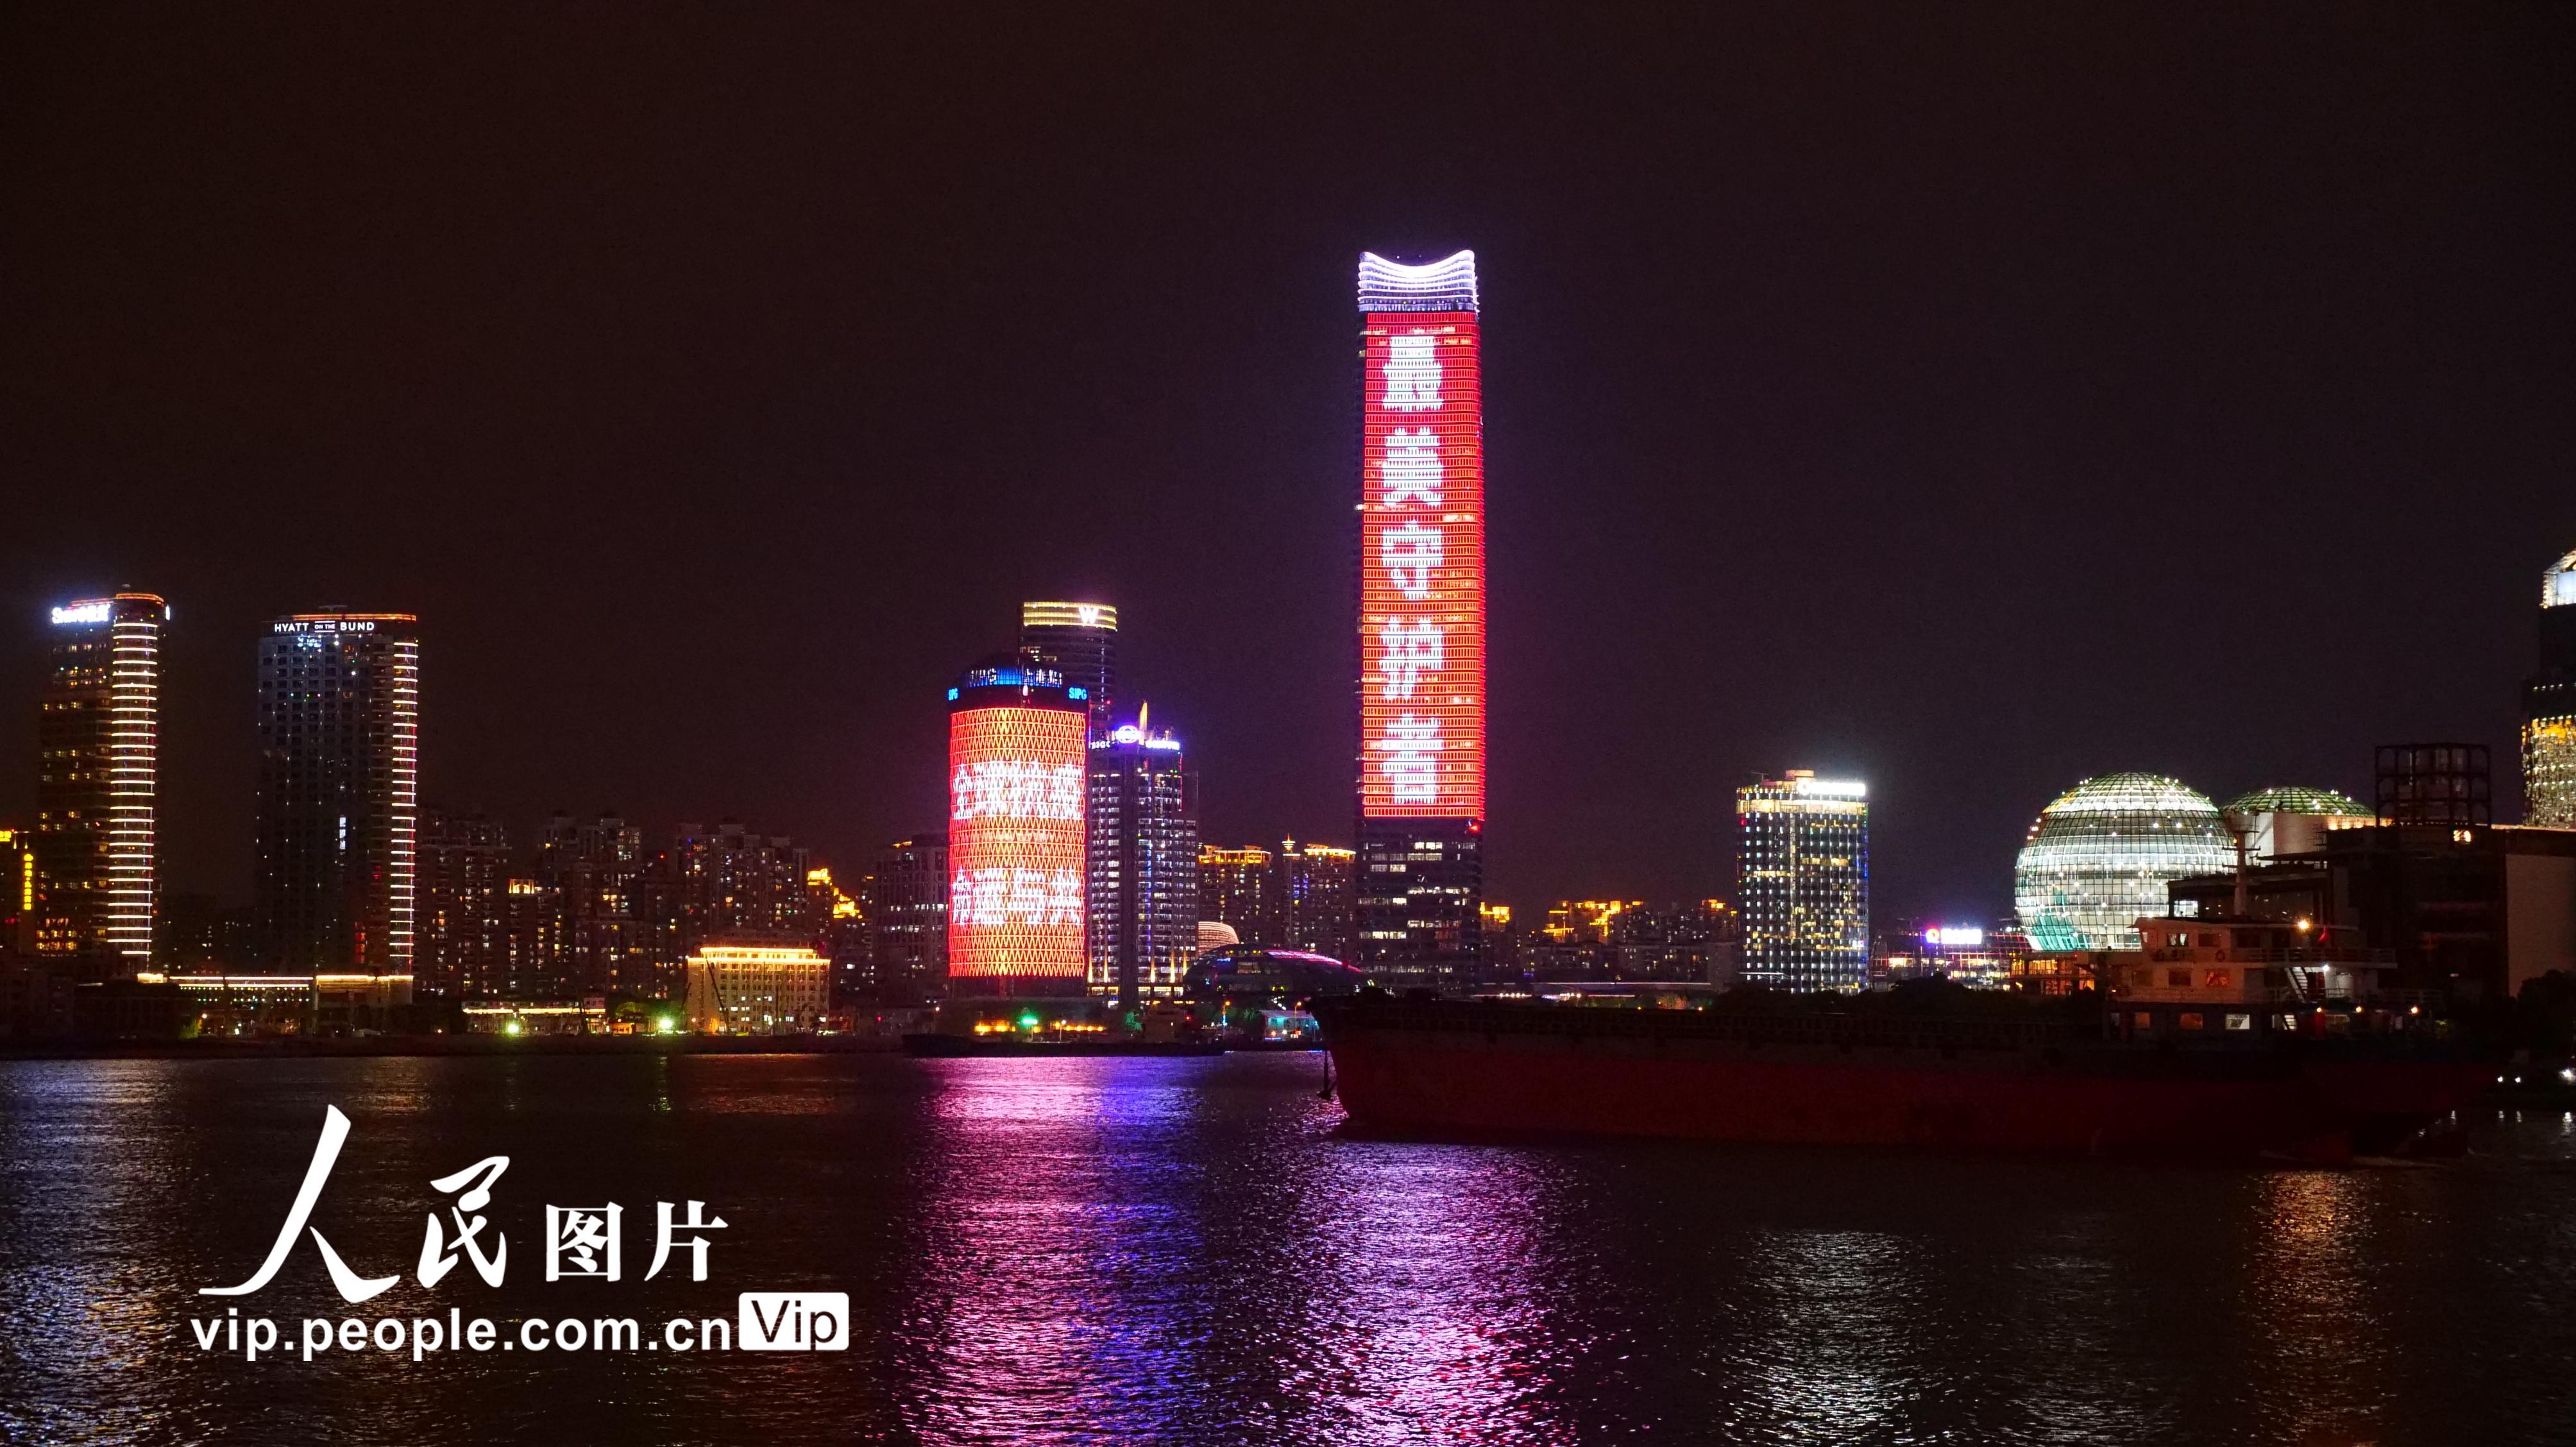 """上海浦江两岸地标建筑""""亮灯"""" 欢迎""""最美守护者""""回家"""